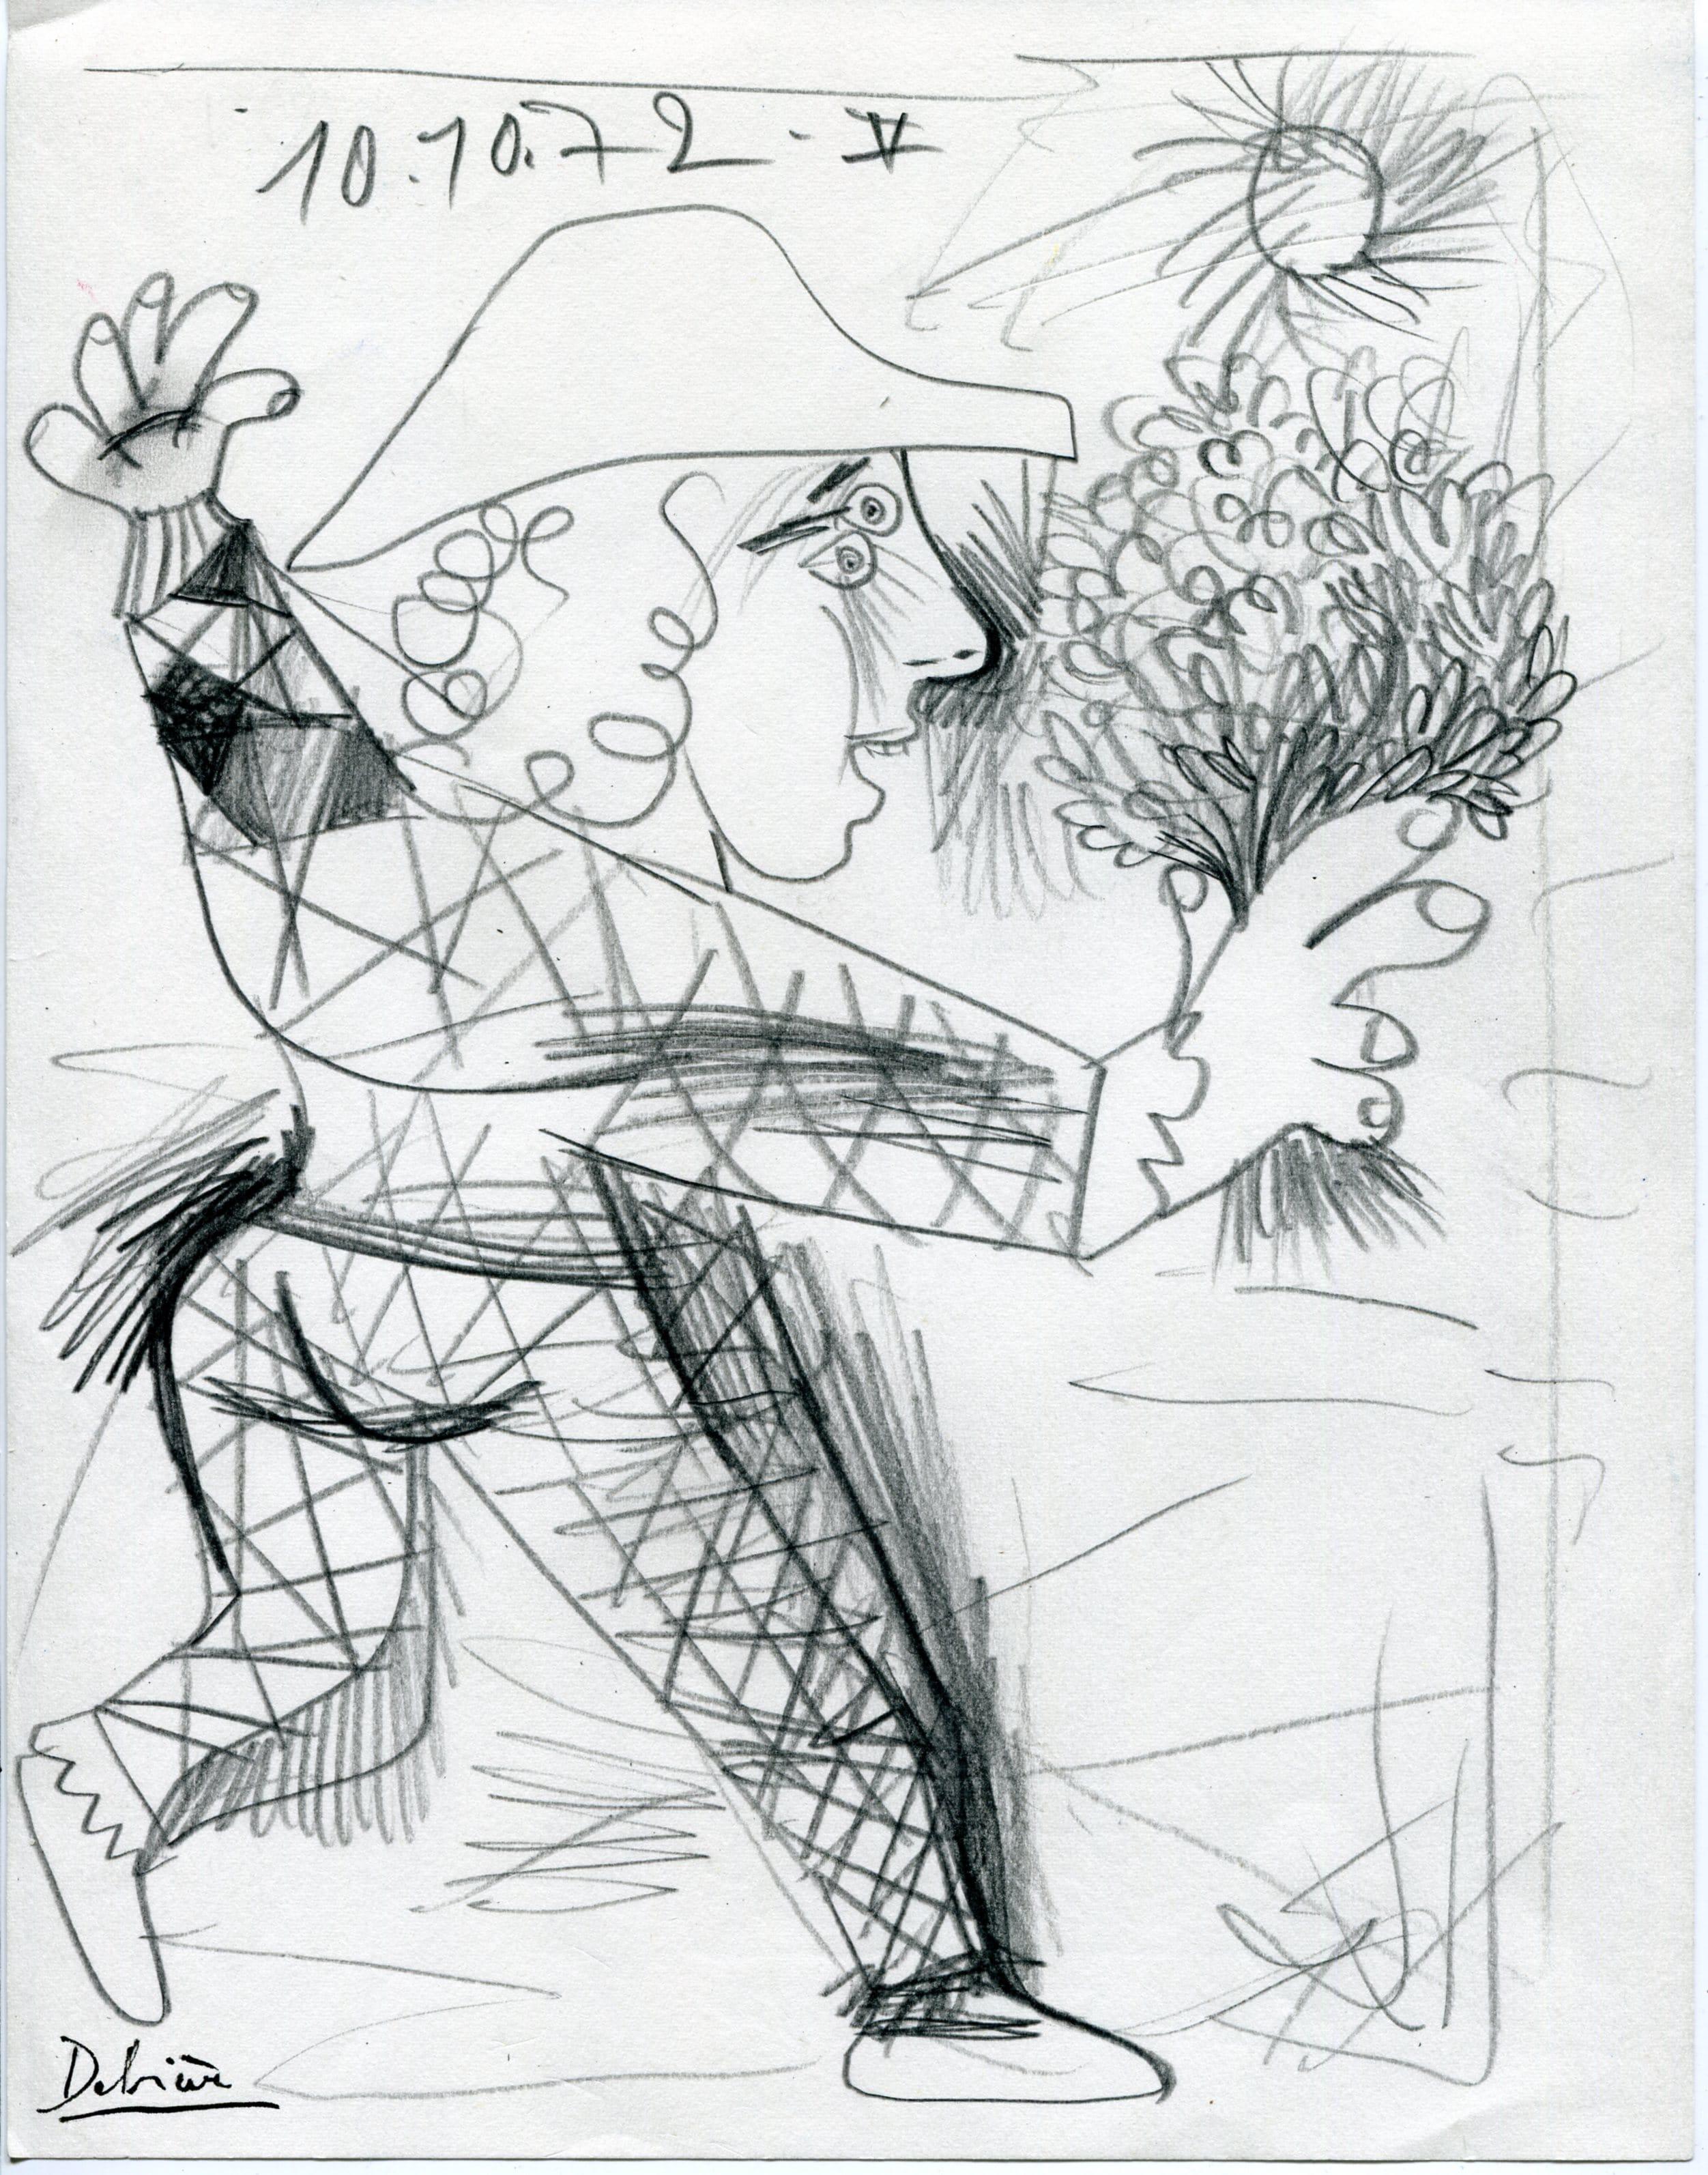 Arlequin Dessin 1972 Chouette Galerie